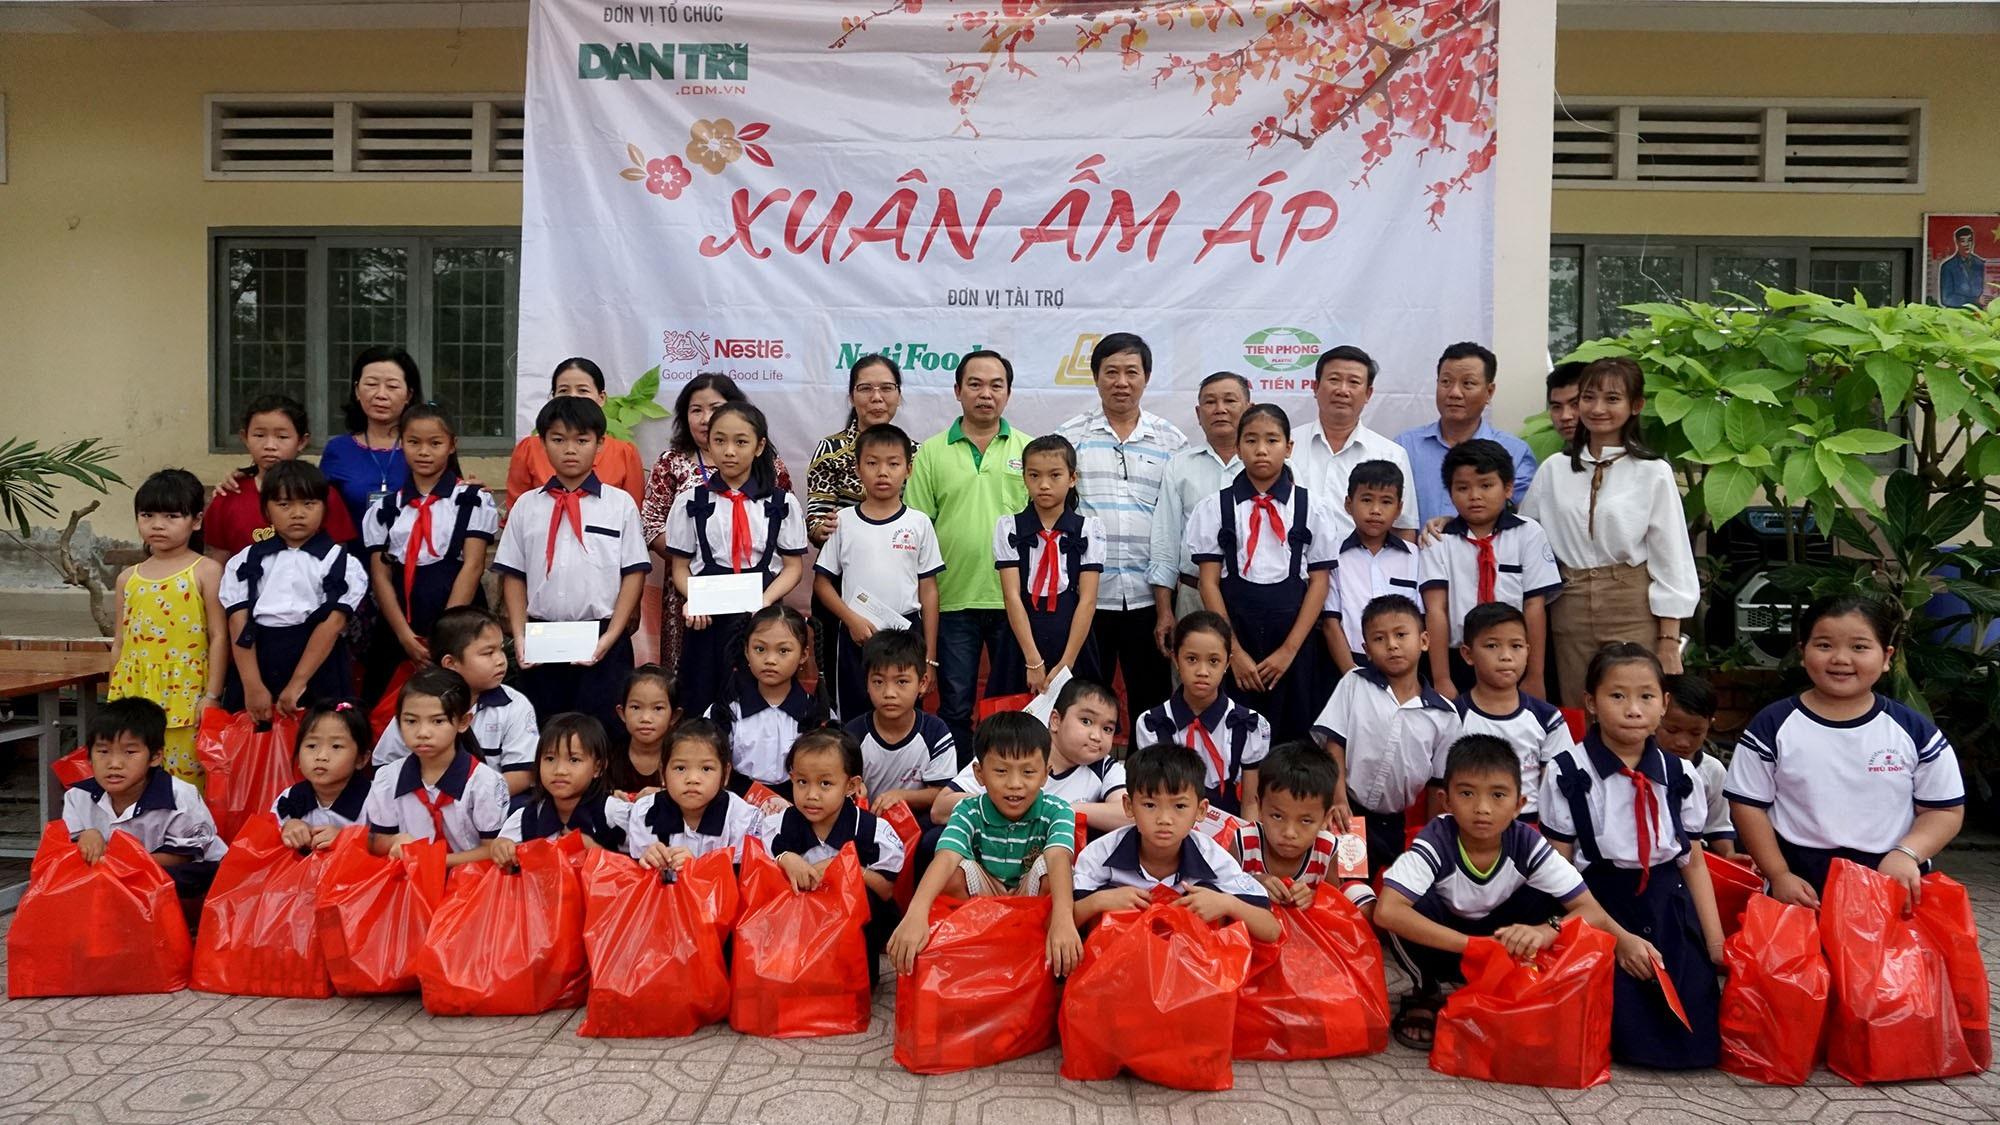 """Báo Dân trí đem """"Xuân Ấm Áp"""" đến với học sinh, giáo viên và người dân nghèo tỉnh Đồng Nai - Ảnh 7."""